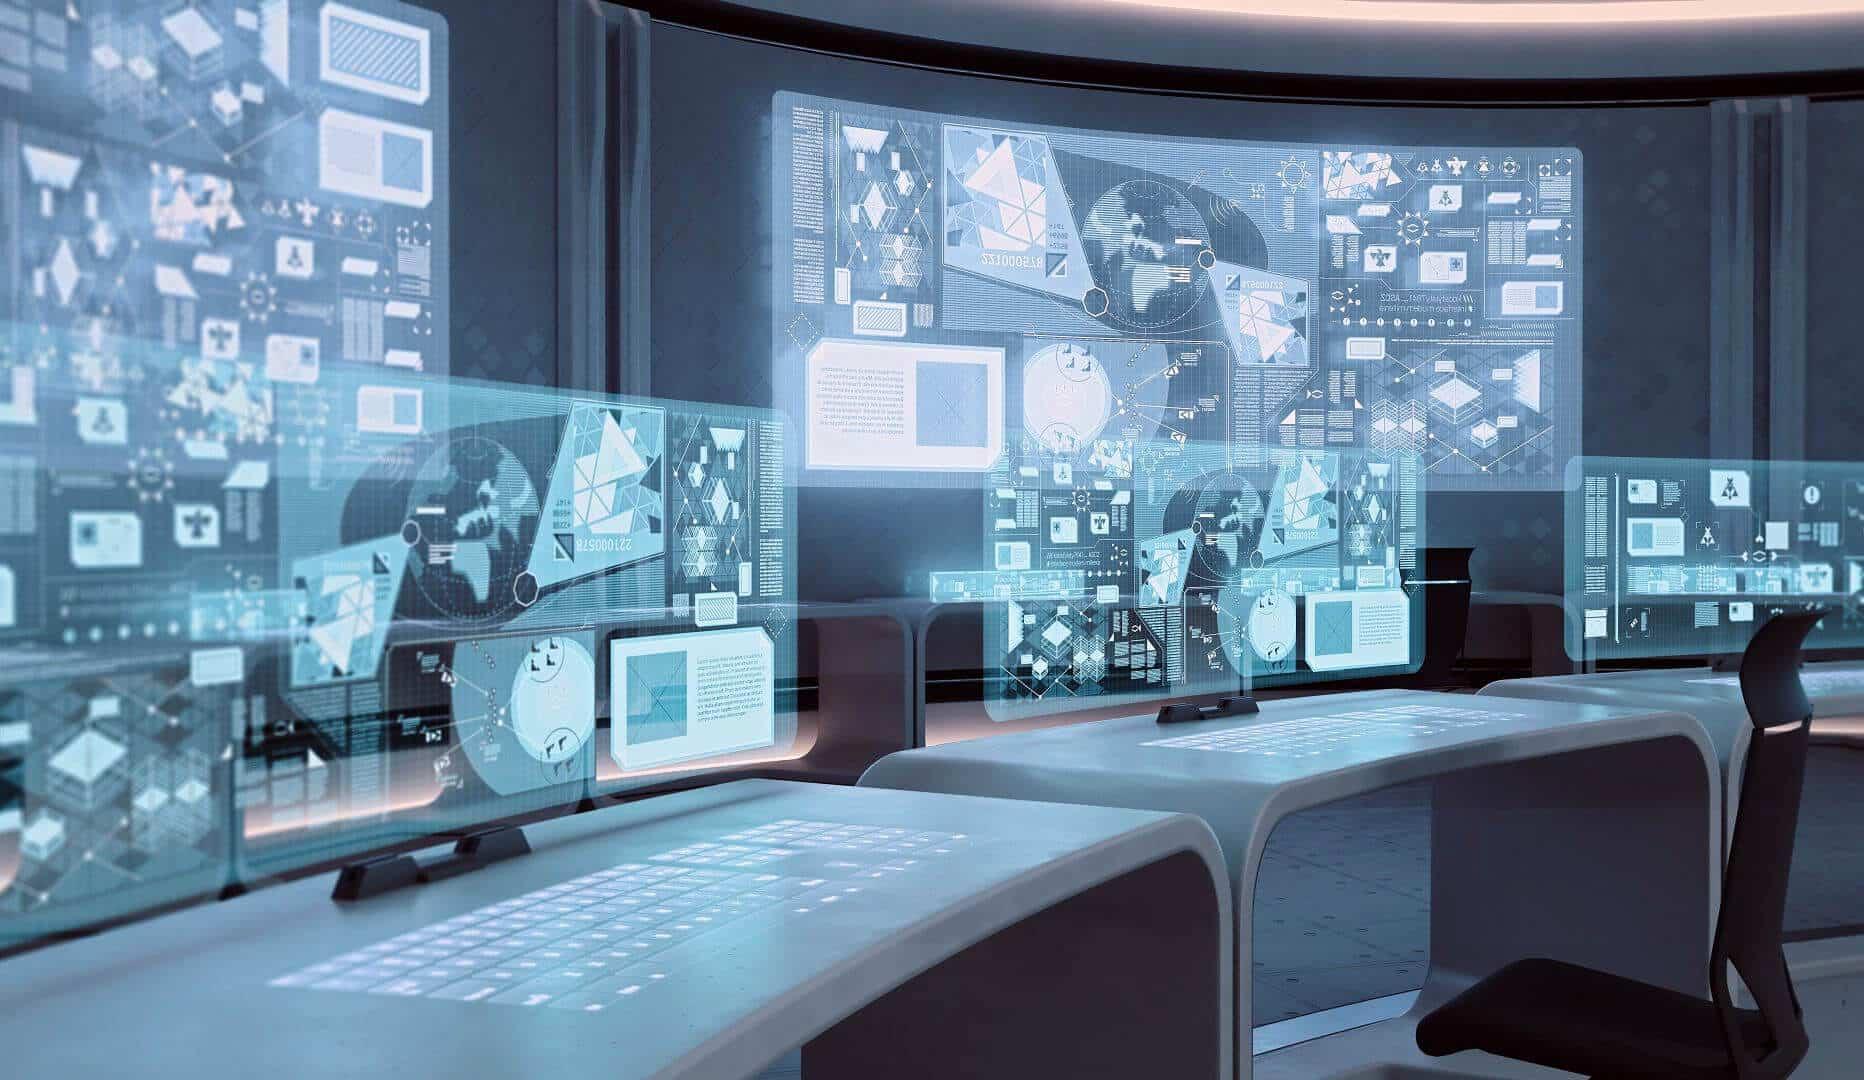 Lieu de travail : poste de contrôle informatique - Architecture